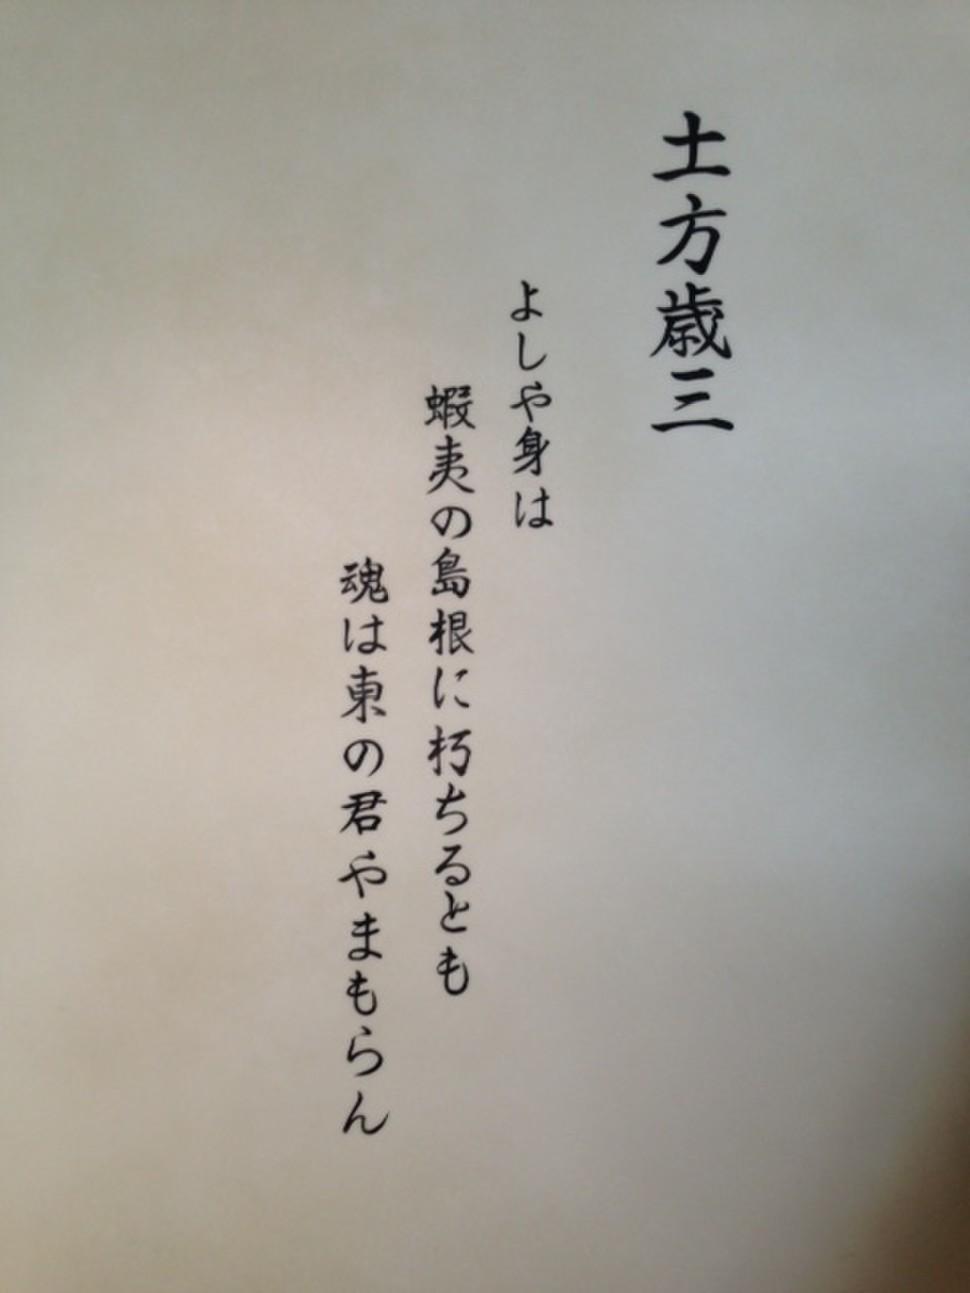 俳句 土方 歳三